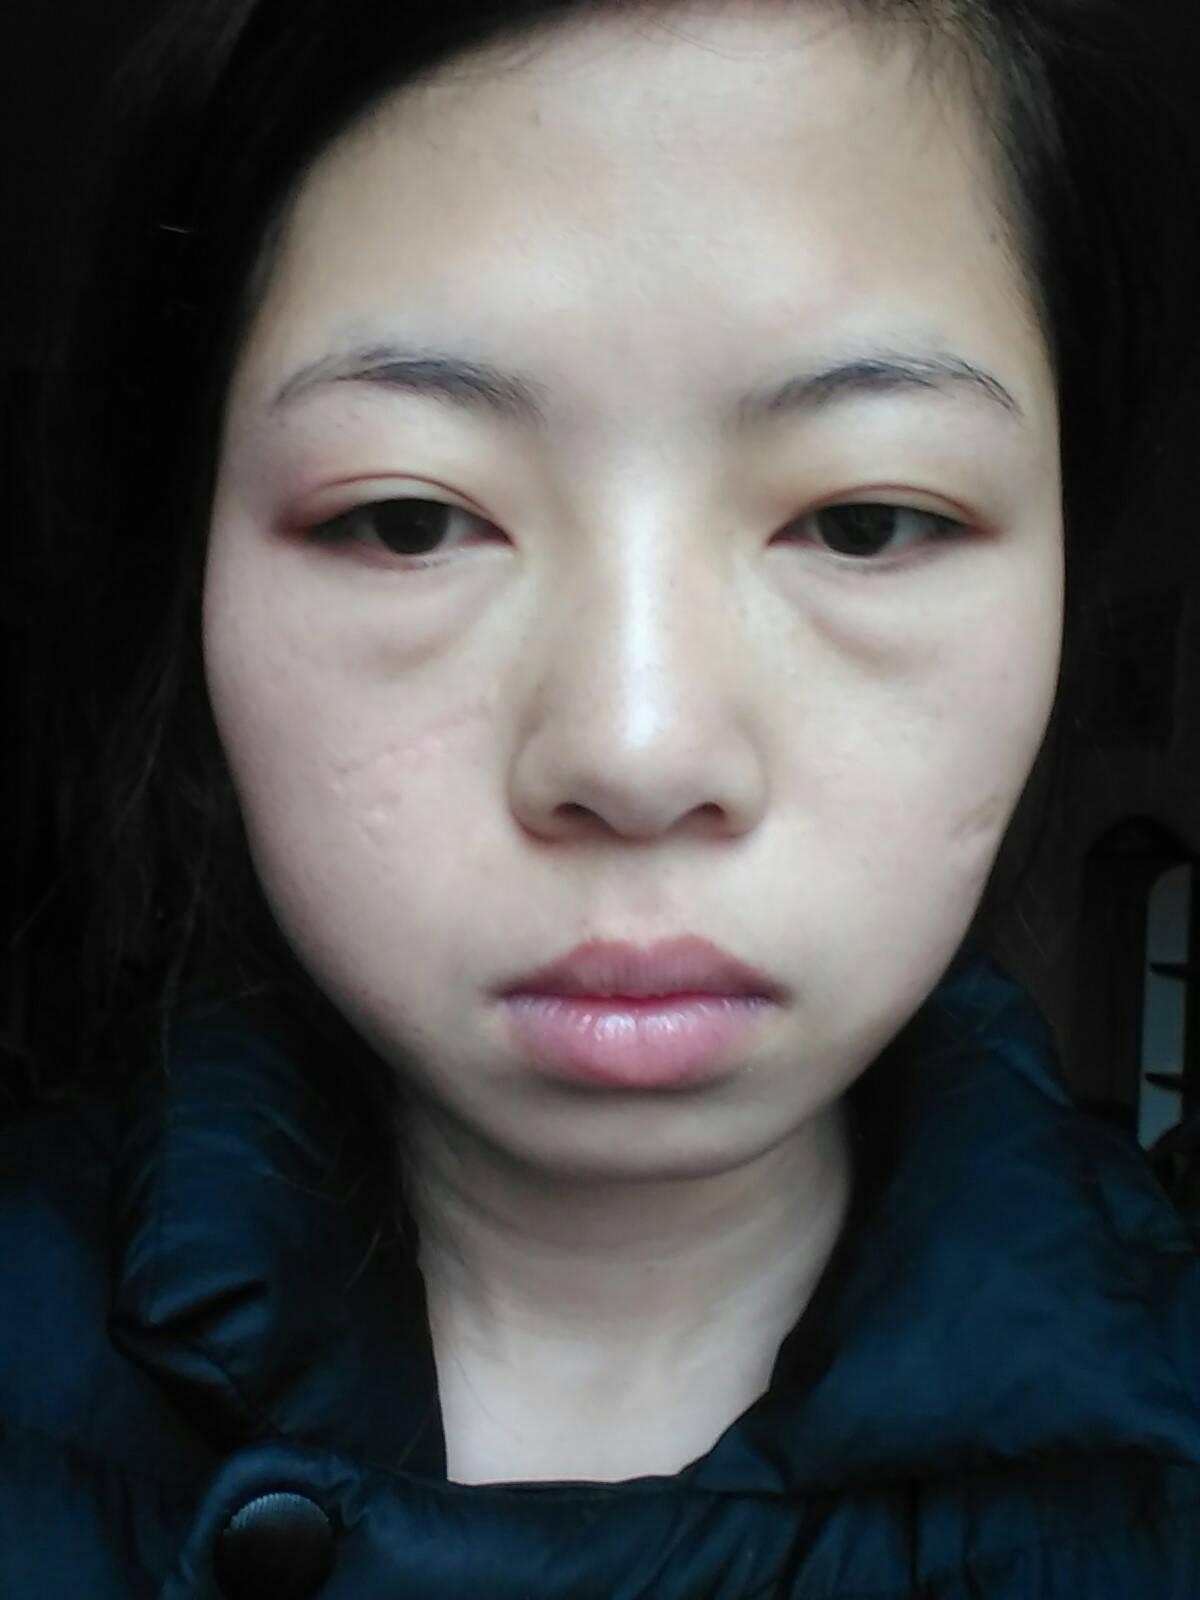 什么手术祛疤效果好,去疤效果,请懂行的人告知